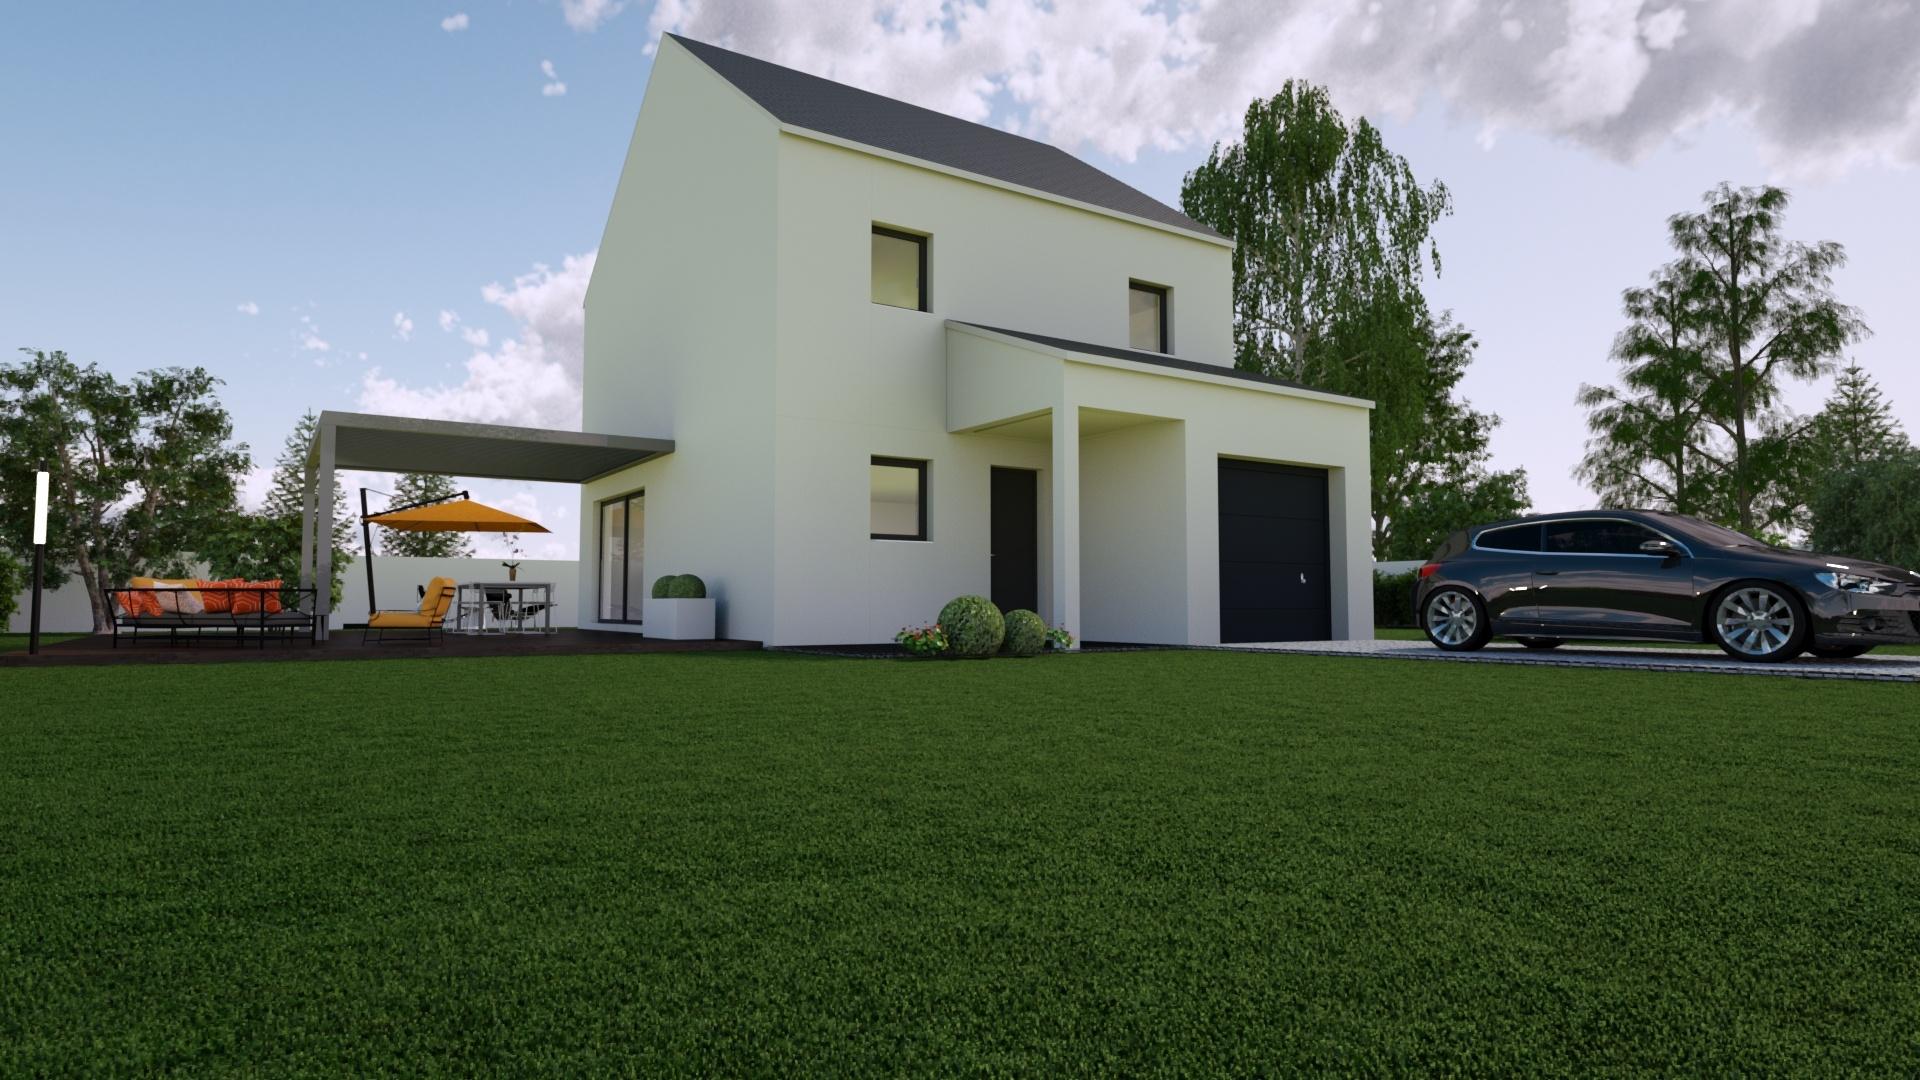 Maisons + Terrains du constructeur Mon Courtier Maison • 94 m² • LES TOUCHES